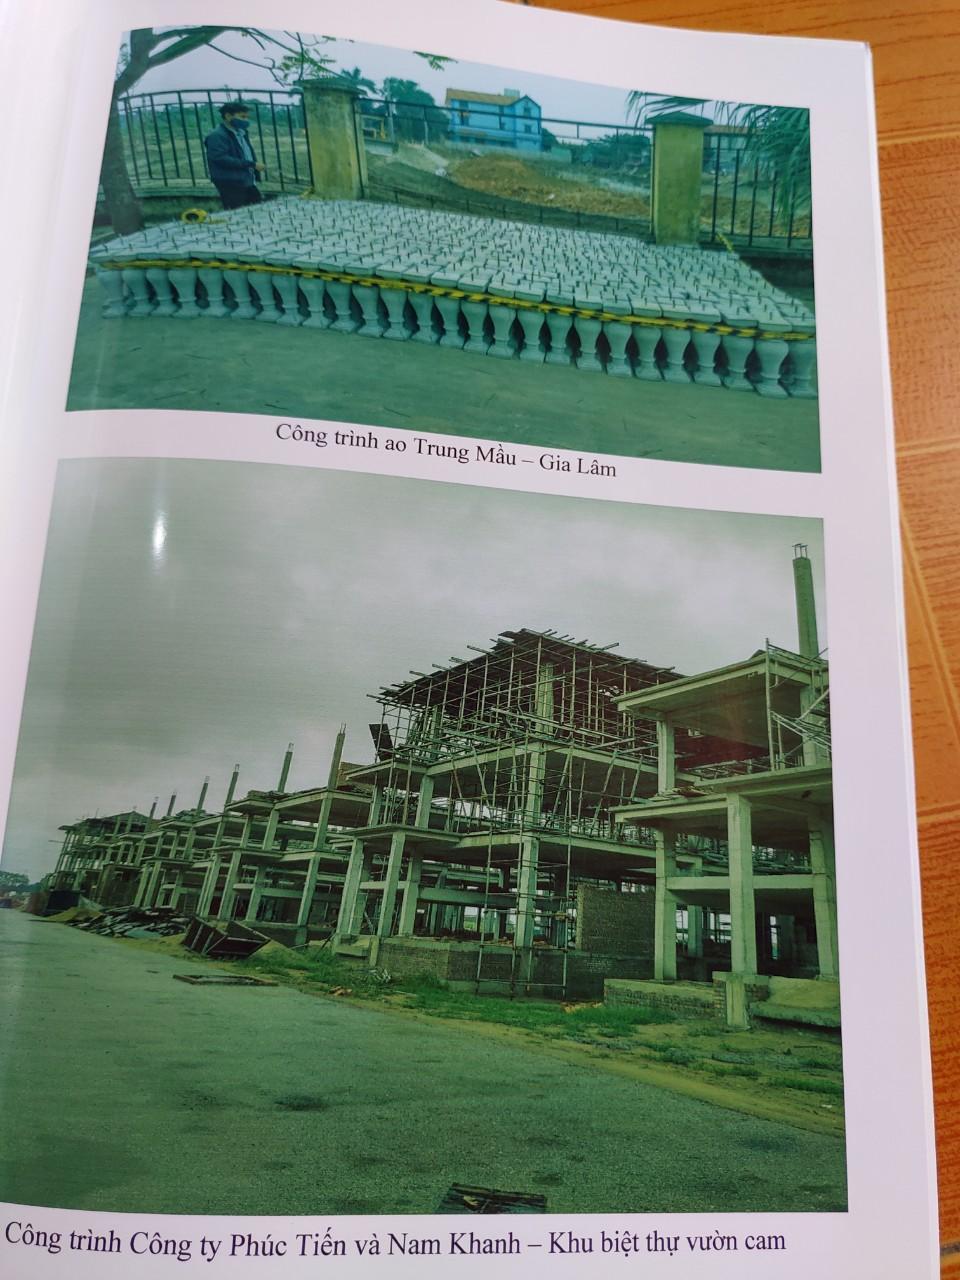 Hình ảnh hồ sơ giới thiệu về bê tông nghệ thuật tháng 9-2020